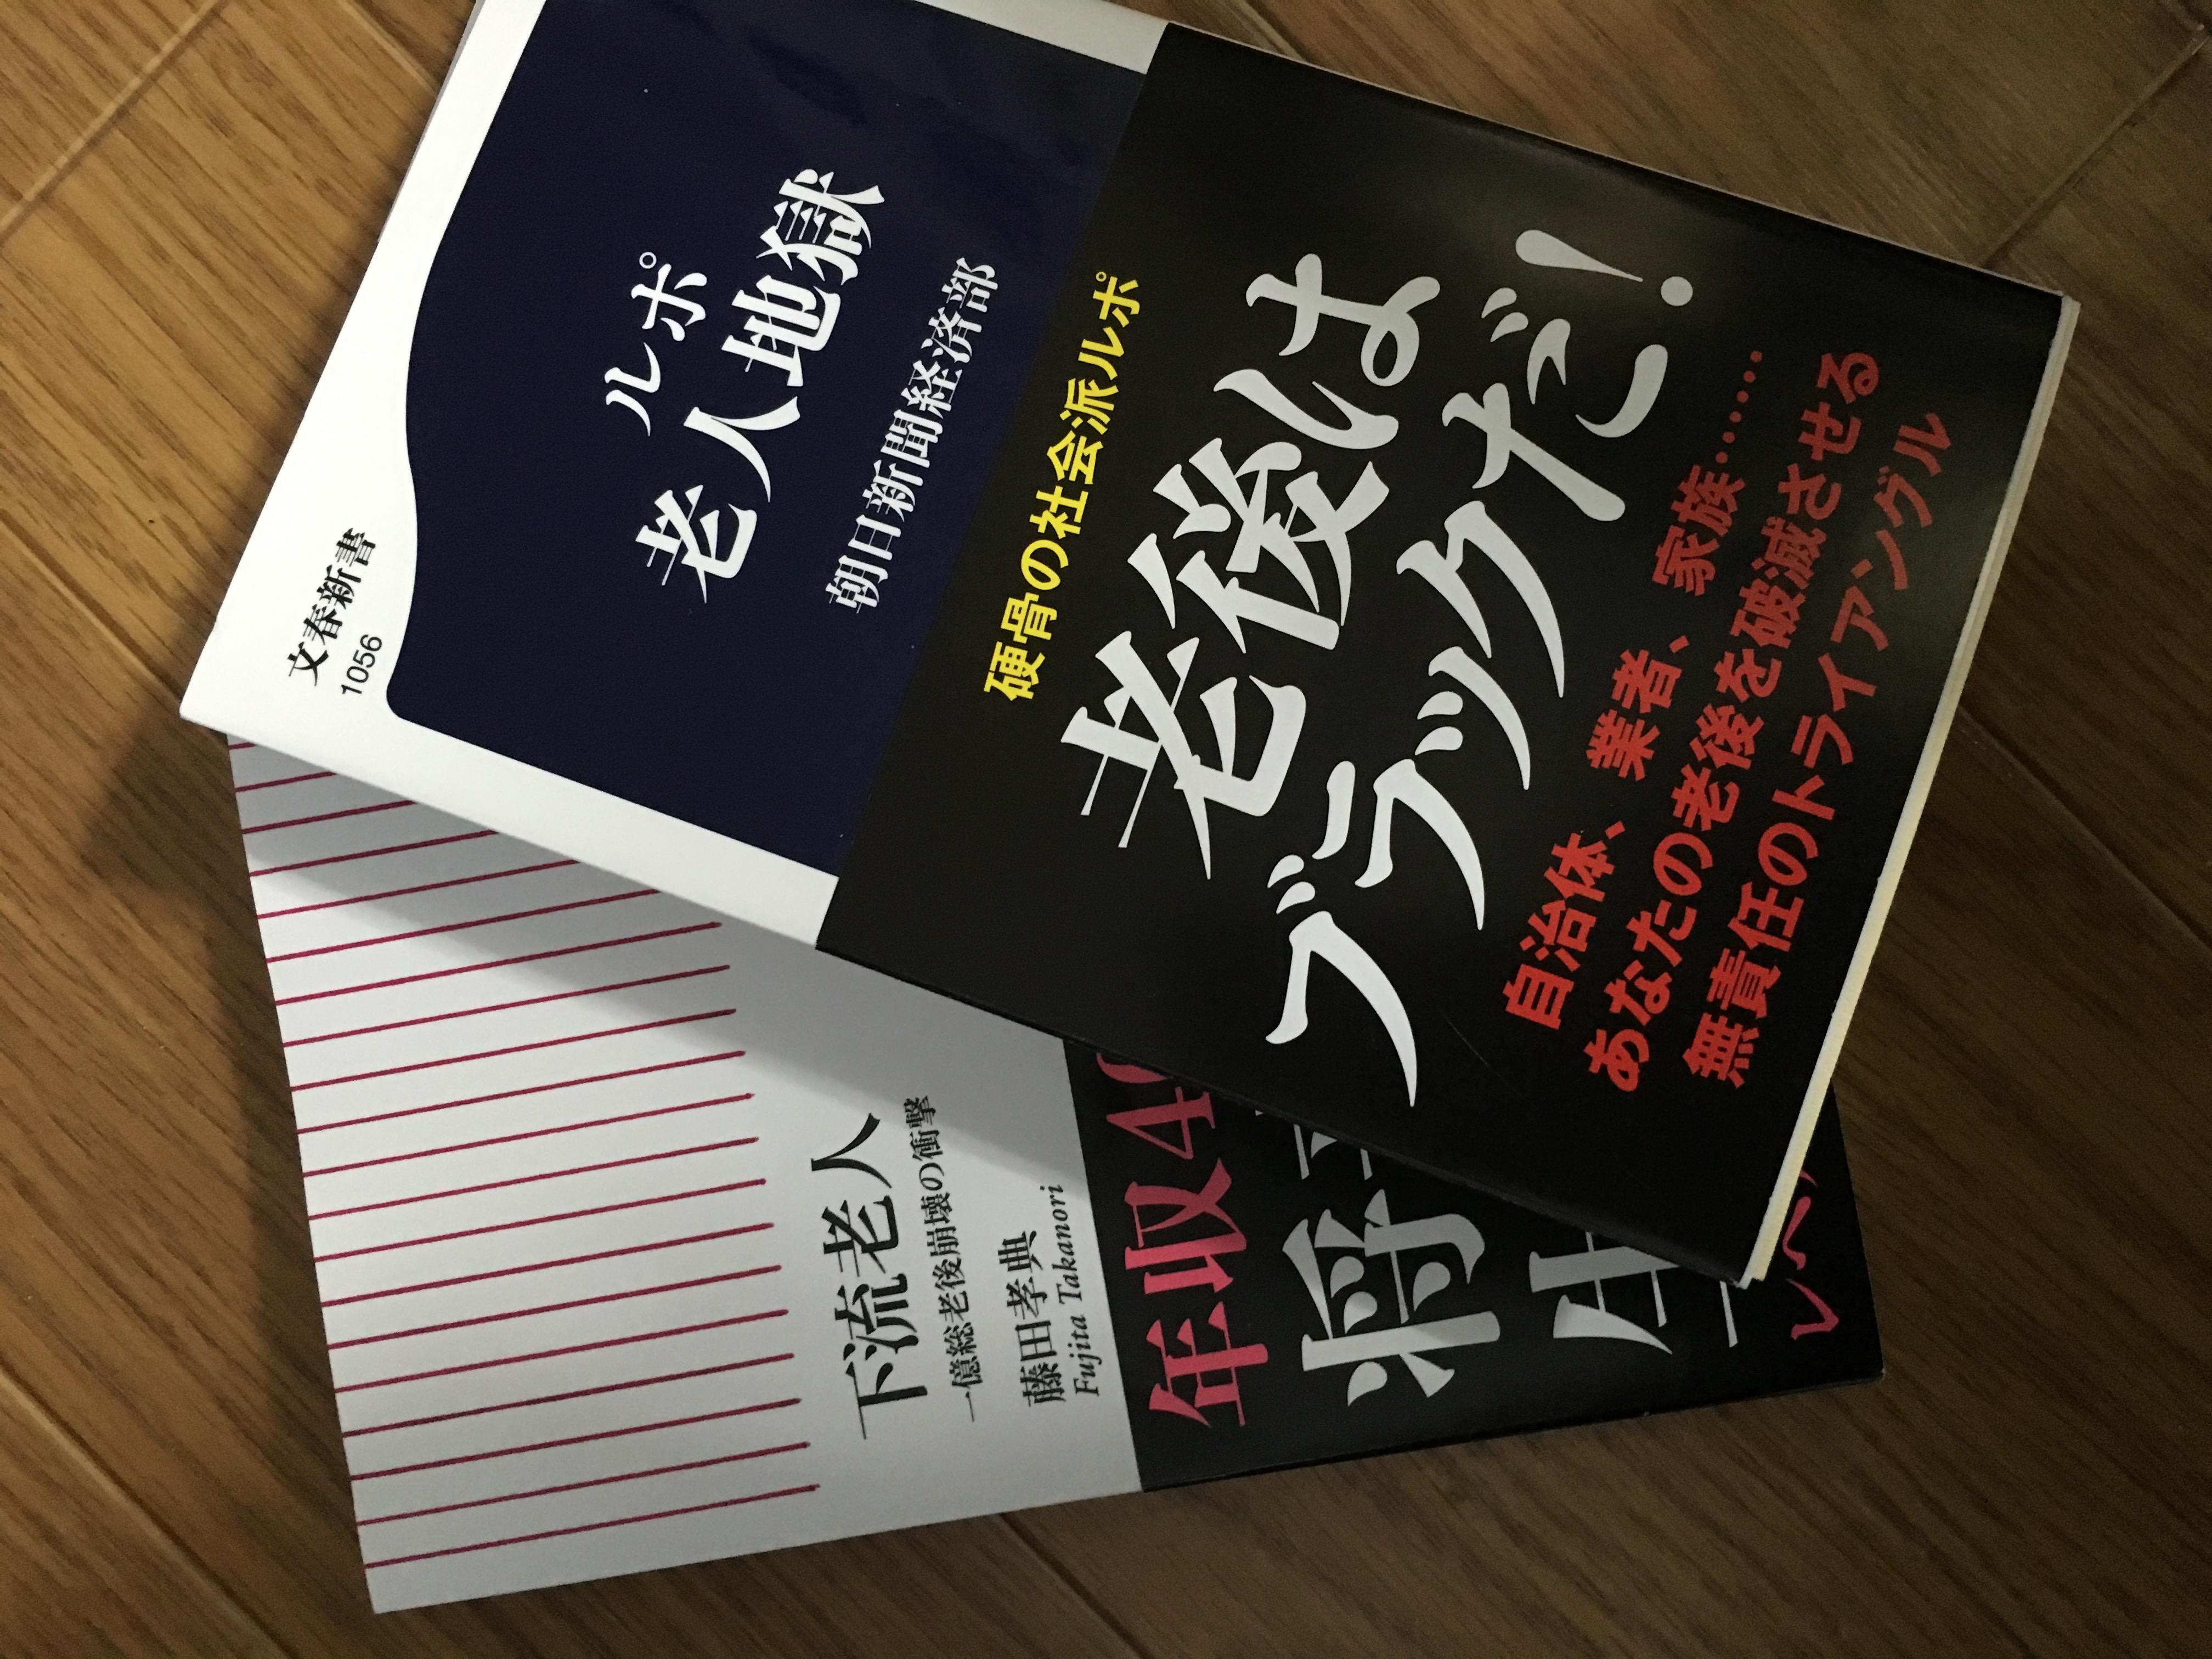 老後破産に関する本を二冊ほど購入する。